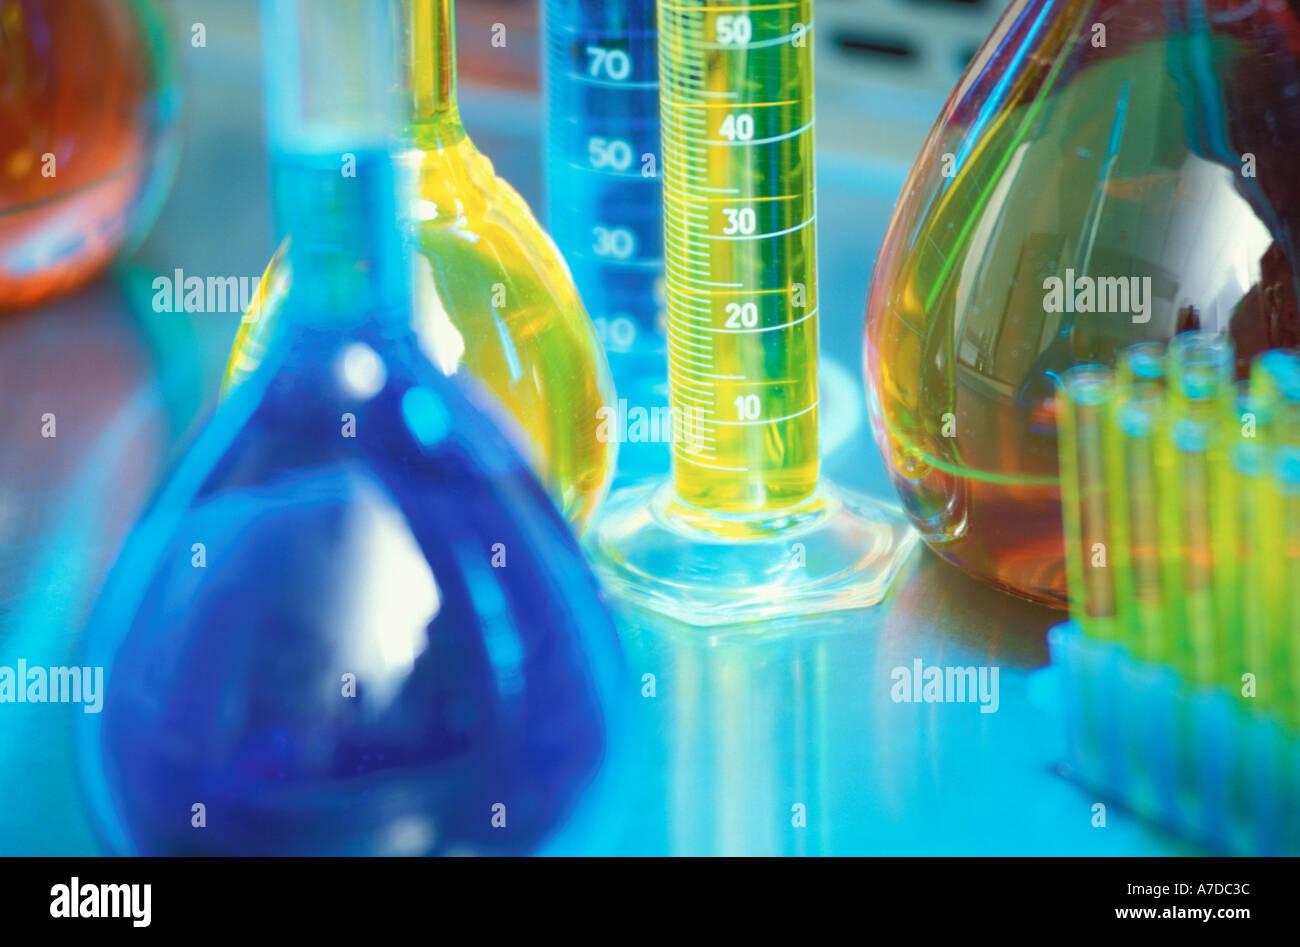 Flacons de laboratoire tubes et cylindres gradués Photo Stock